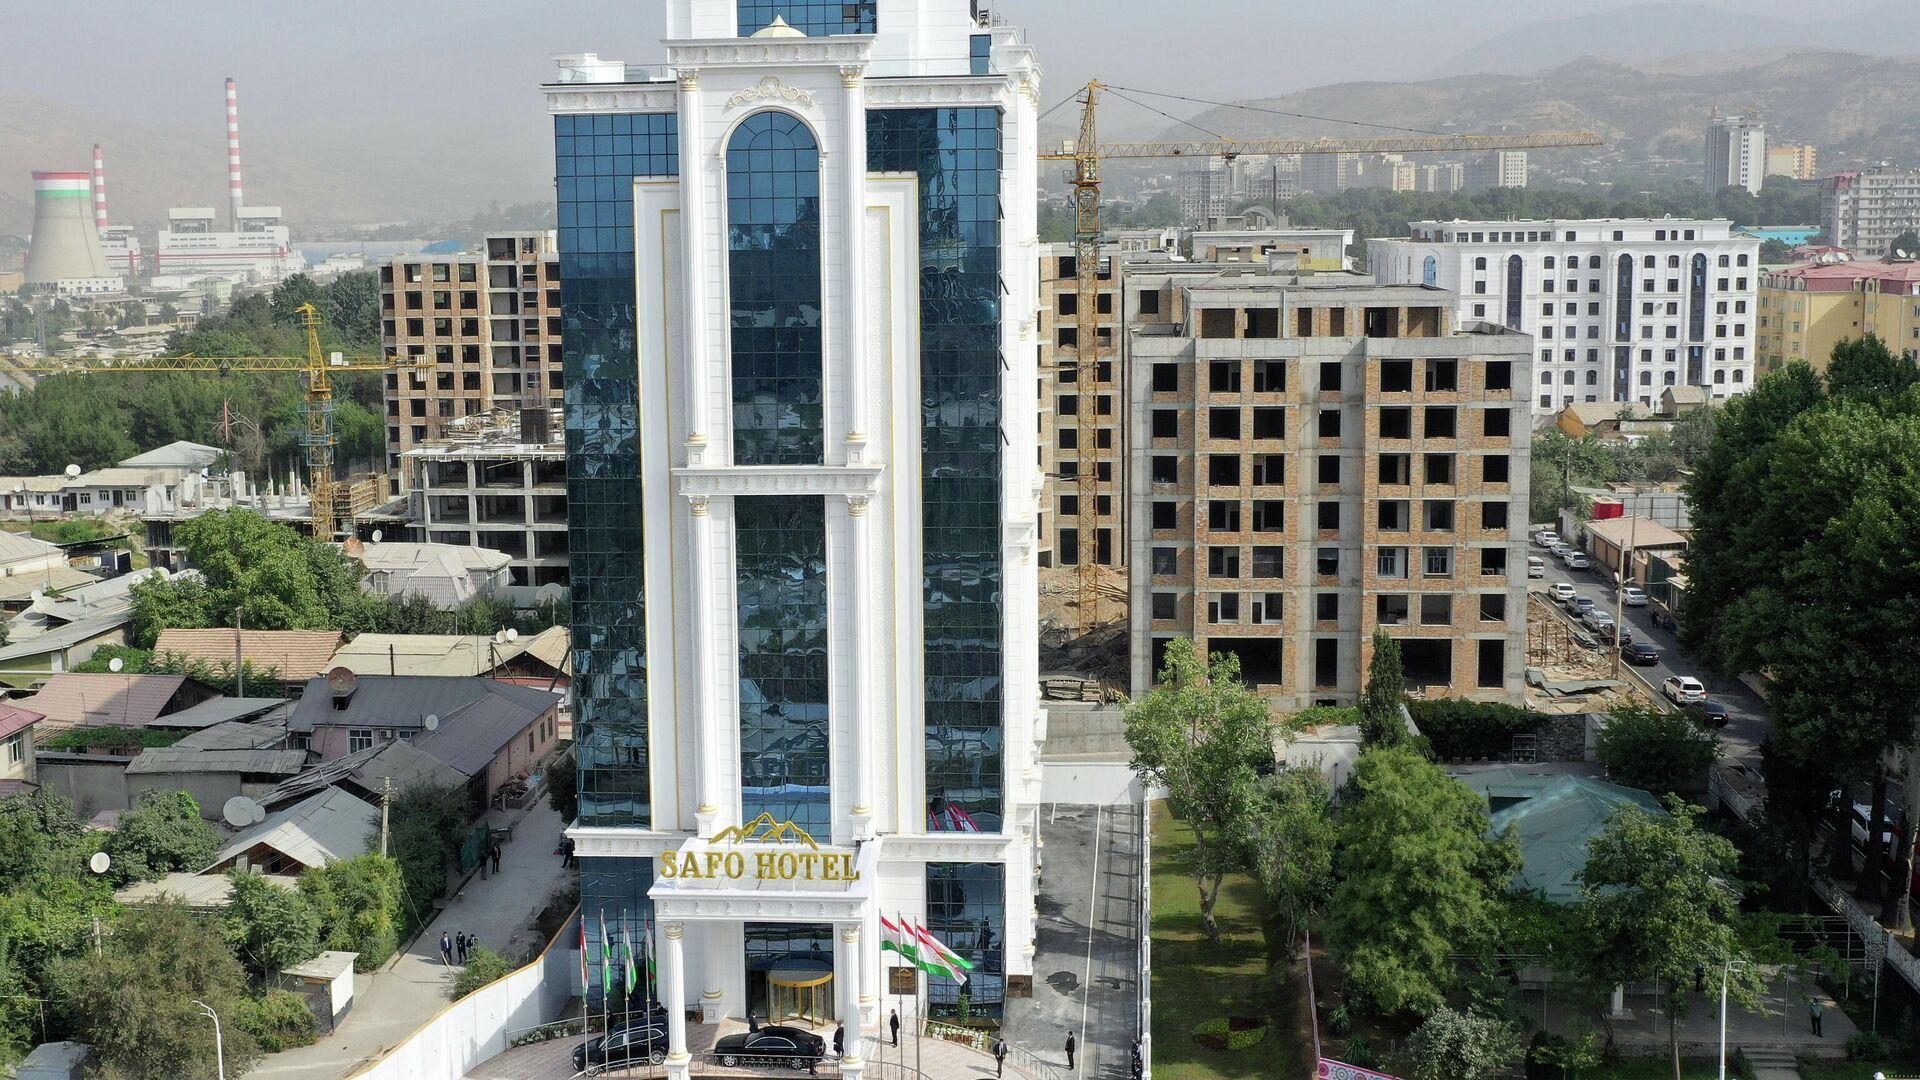 Новый отель в Душанбе - Сафо Hotel - Sputnik Тоҷикистон, 1920, 16.09.2021